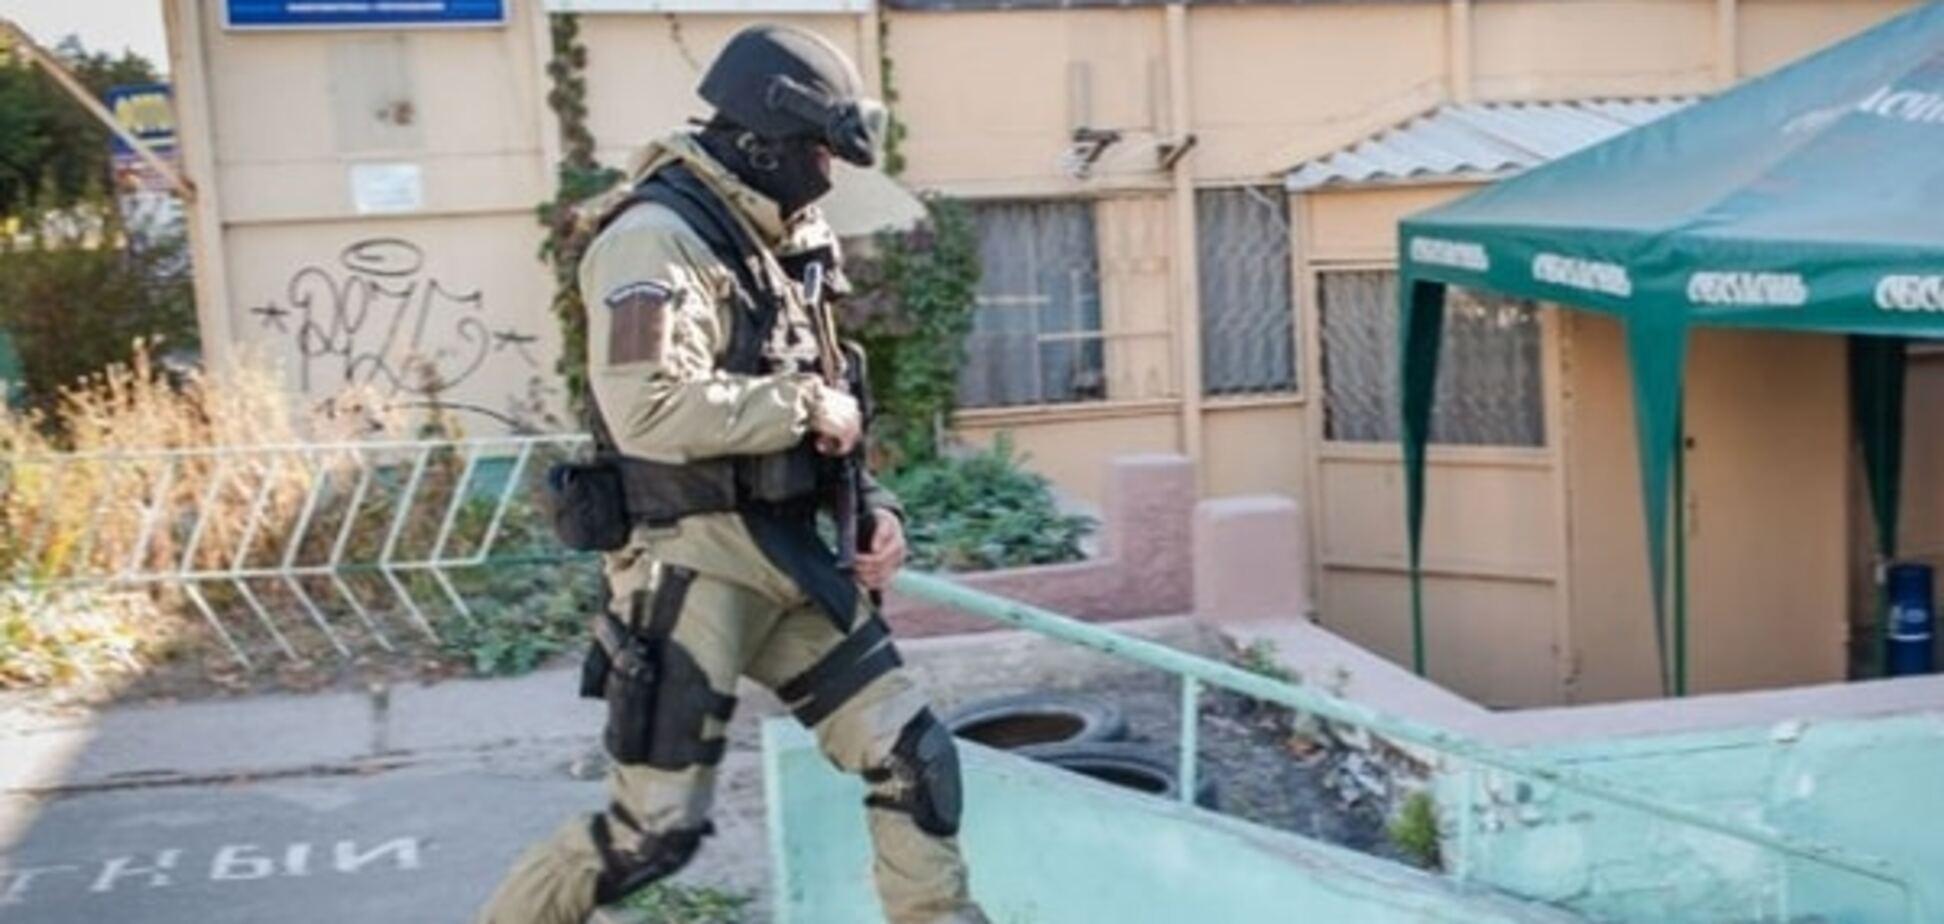 У Києві затримали помічника скандального нардепа з 'Айдара': фото з місця подій